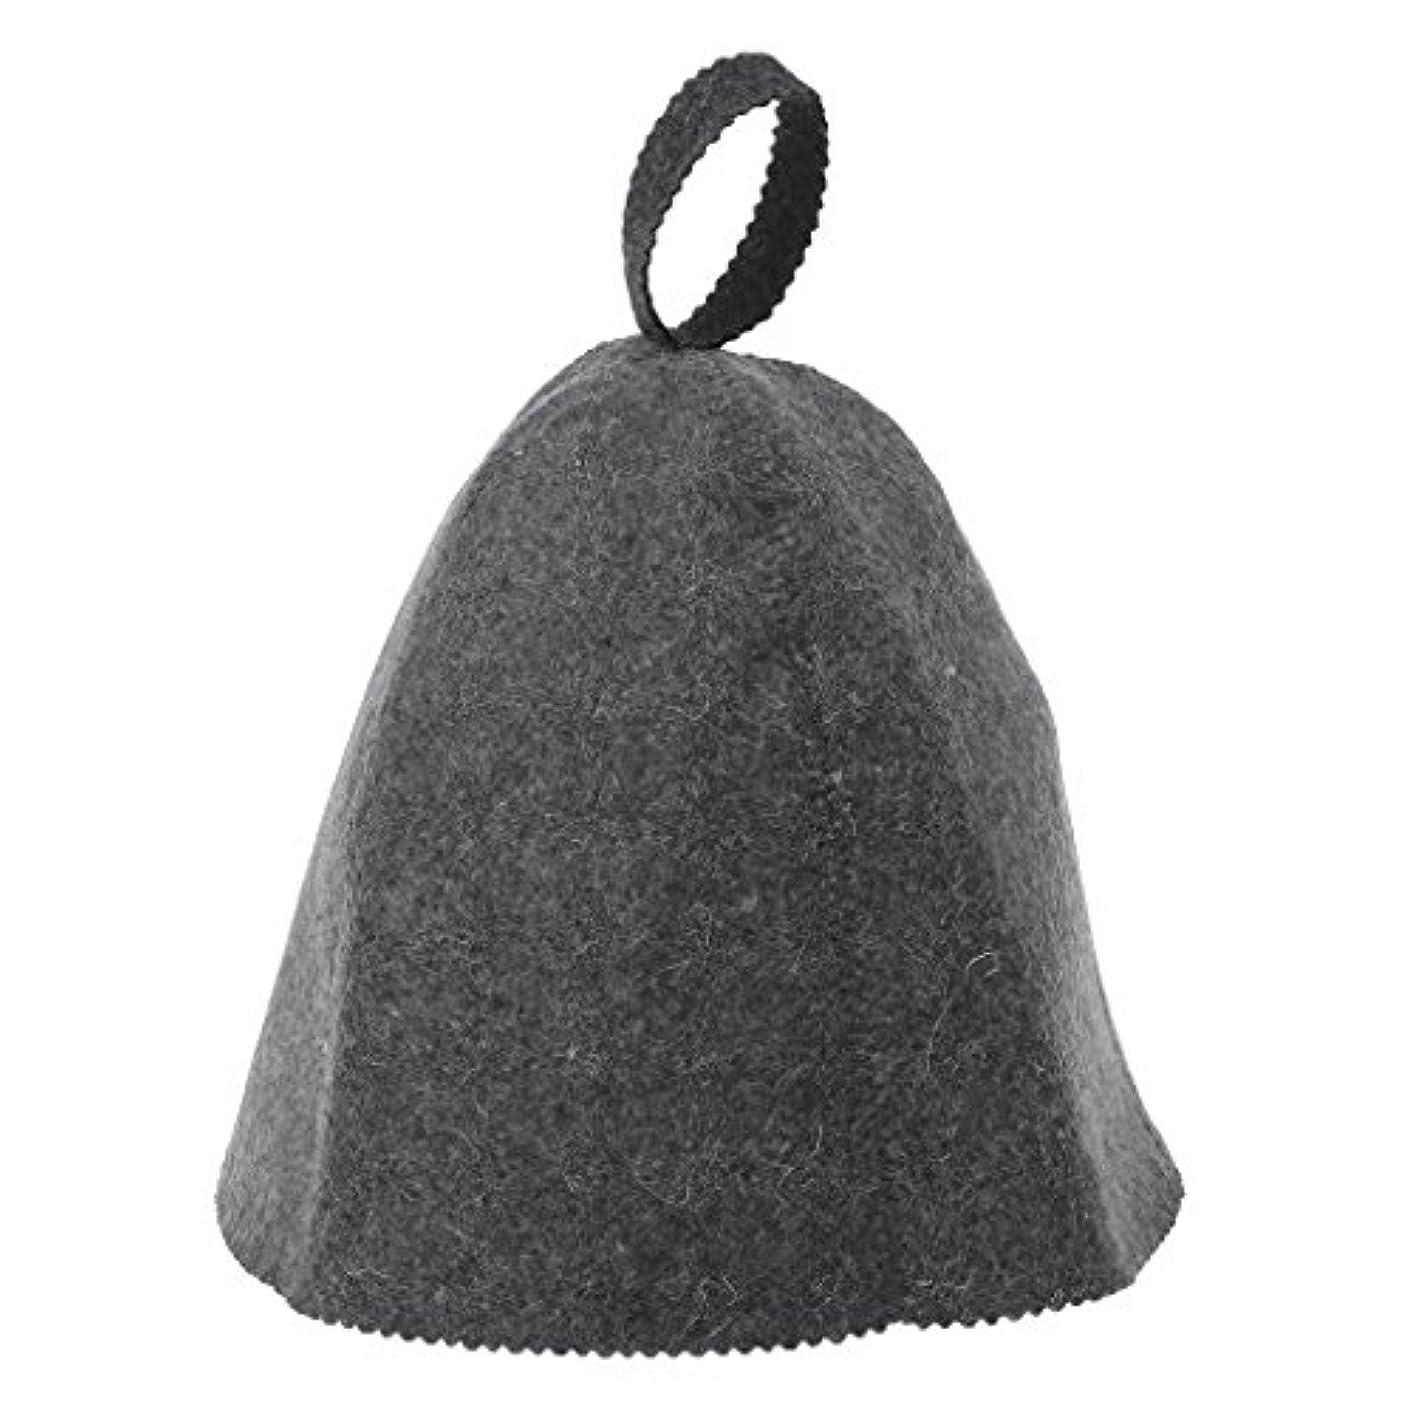 犯罪不健全結婚するLANDUMのウールのフェルトのサウナの帽子、浴室の家の頭部の保護のための反熱ロシアのバニヤ帽子